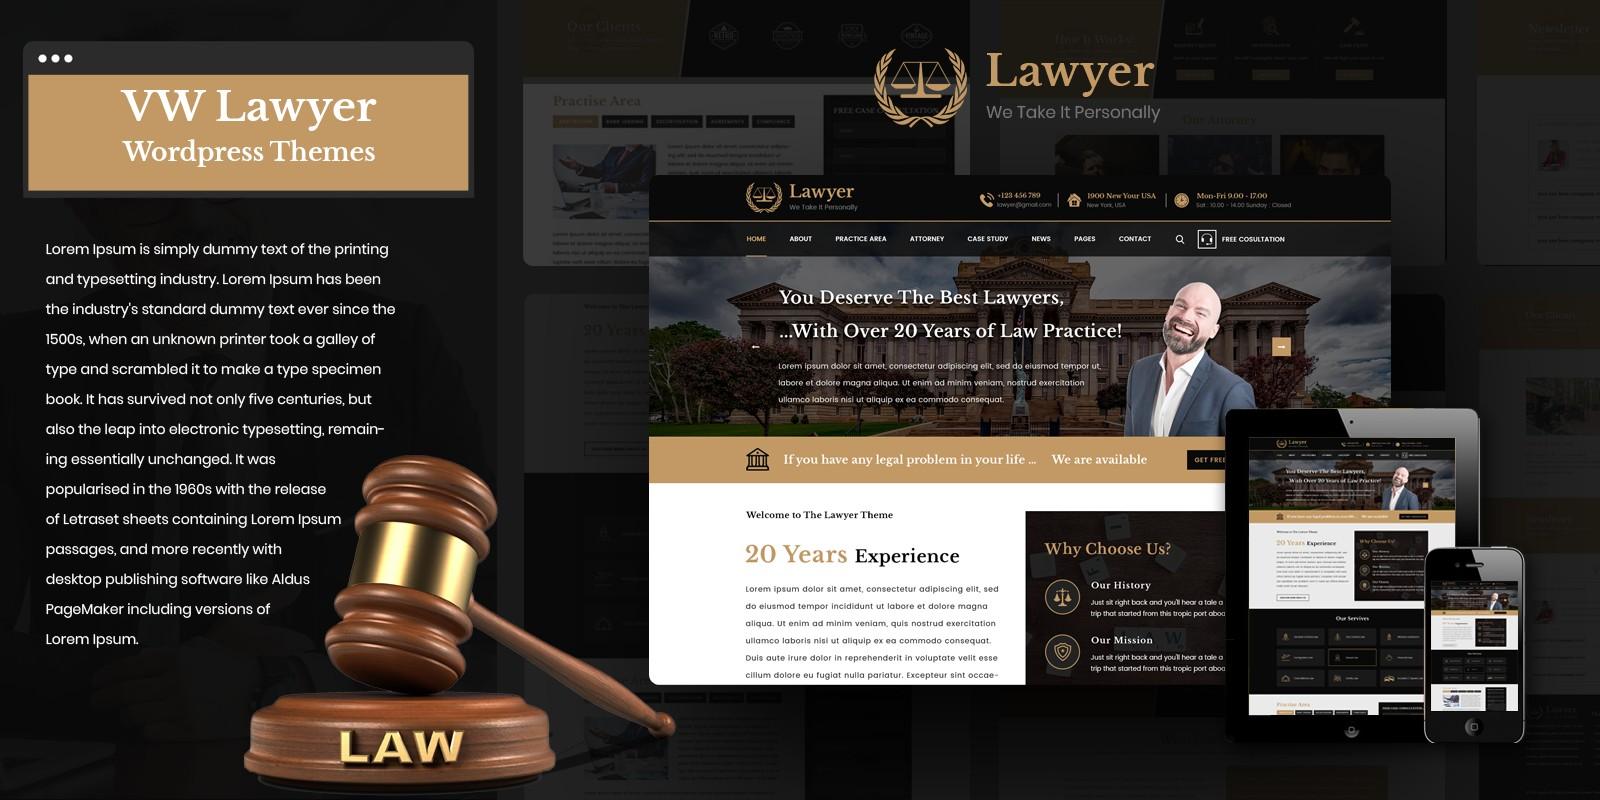 VW Lawyer Pro WordPress Theme